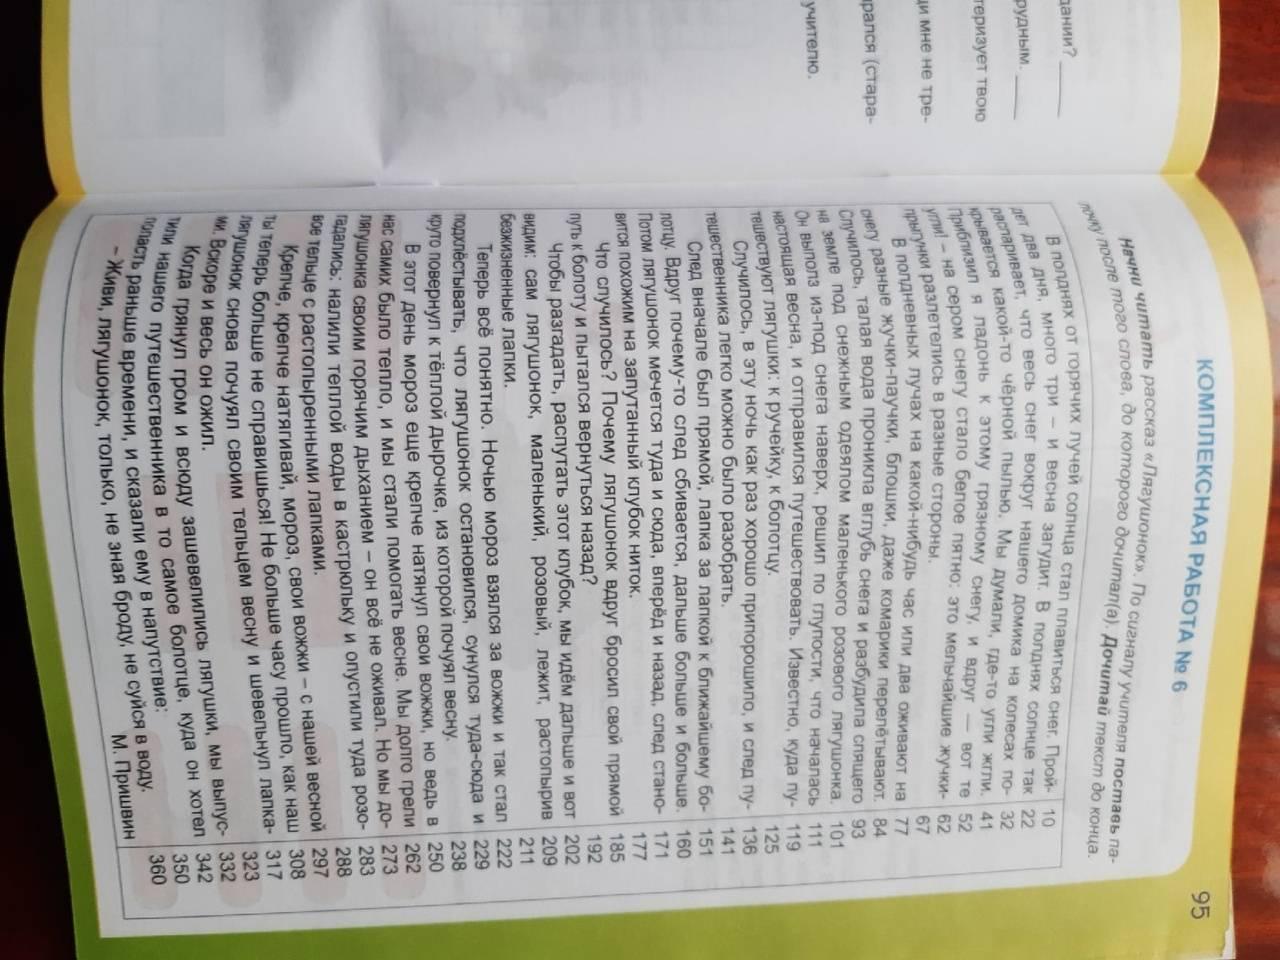 Иллюстрация 1 из 8 для Итоговые комплексные работы. 3 класс. Тренажер для школьников. ФГОС - Мария Буряк | Лабиринт - книги. Источник: Пинаева  Алия Тагировна